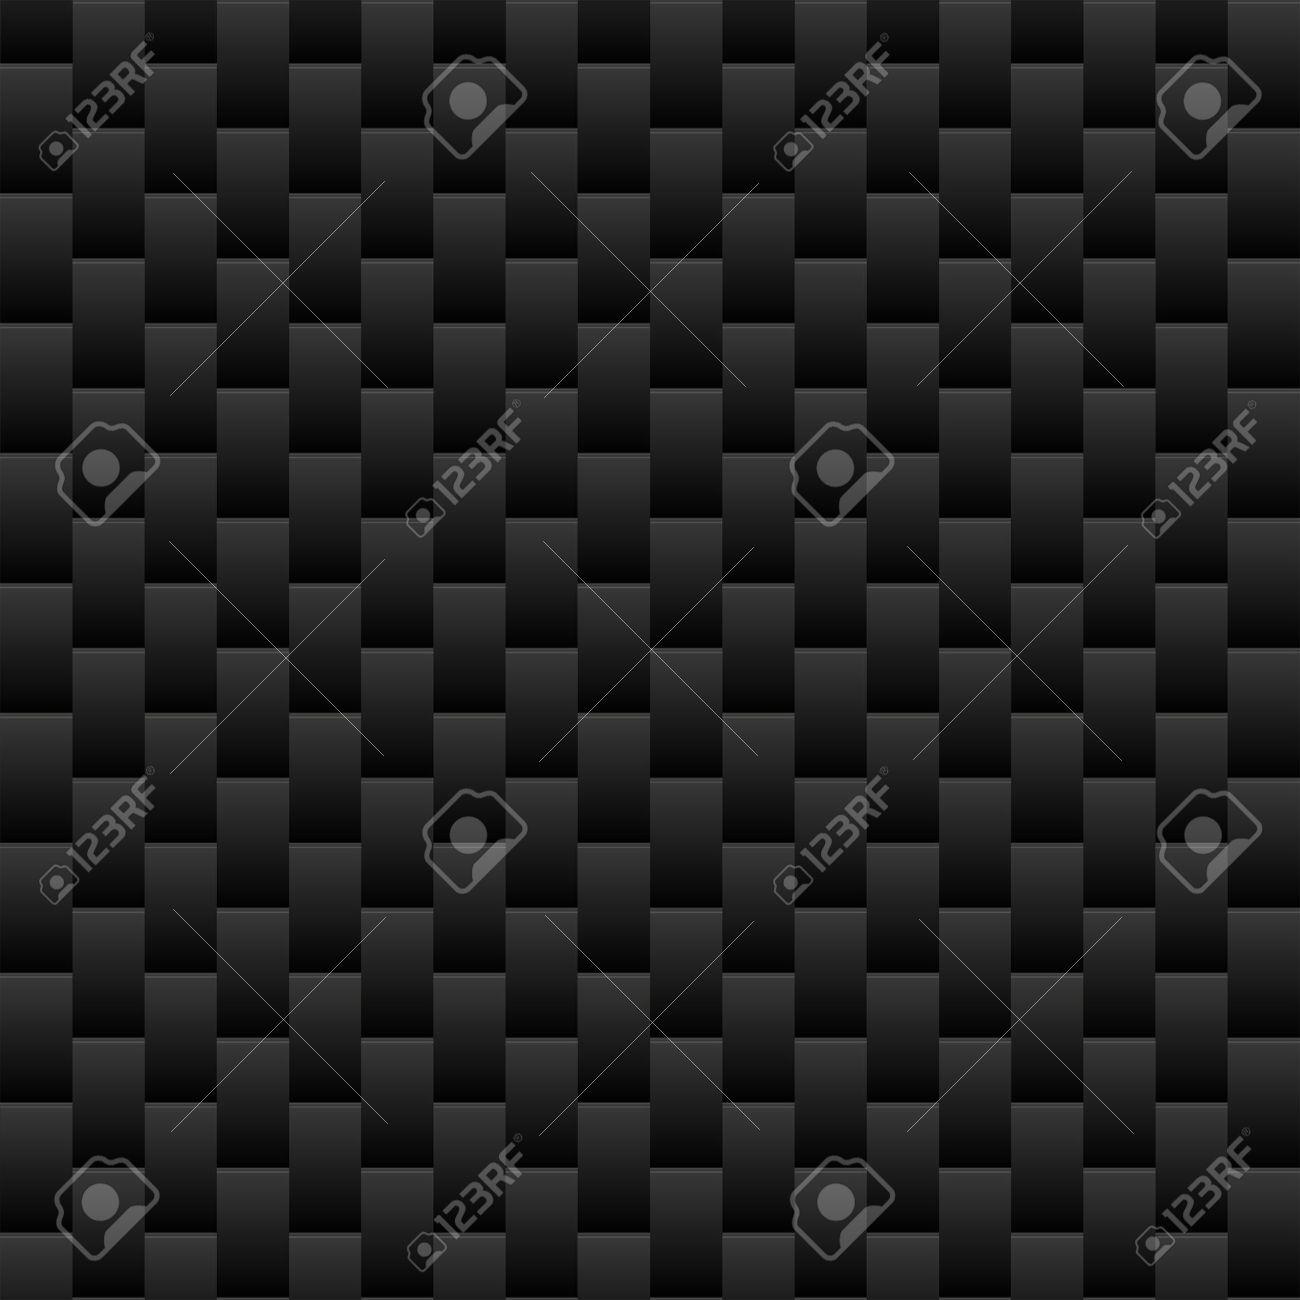 シームレスな黒の質感の壁紙ベクトル イラストのイラスト素材 ベクタ